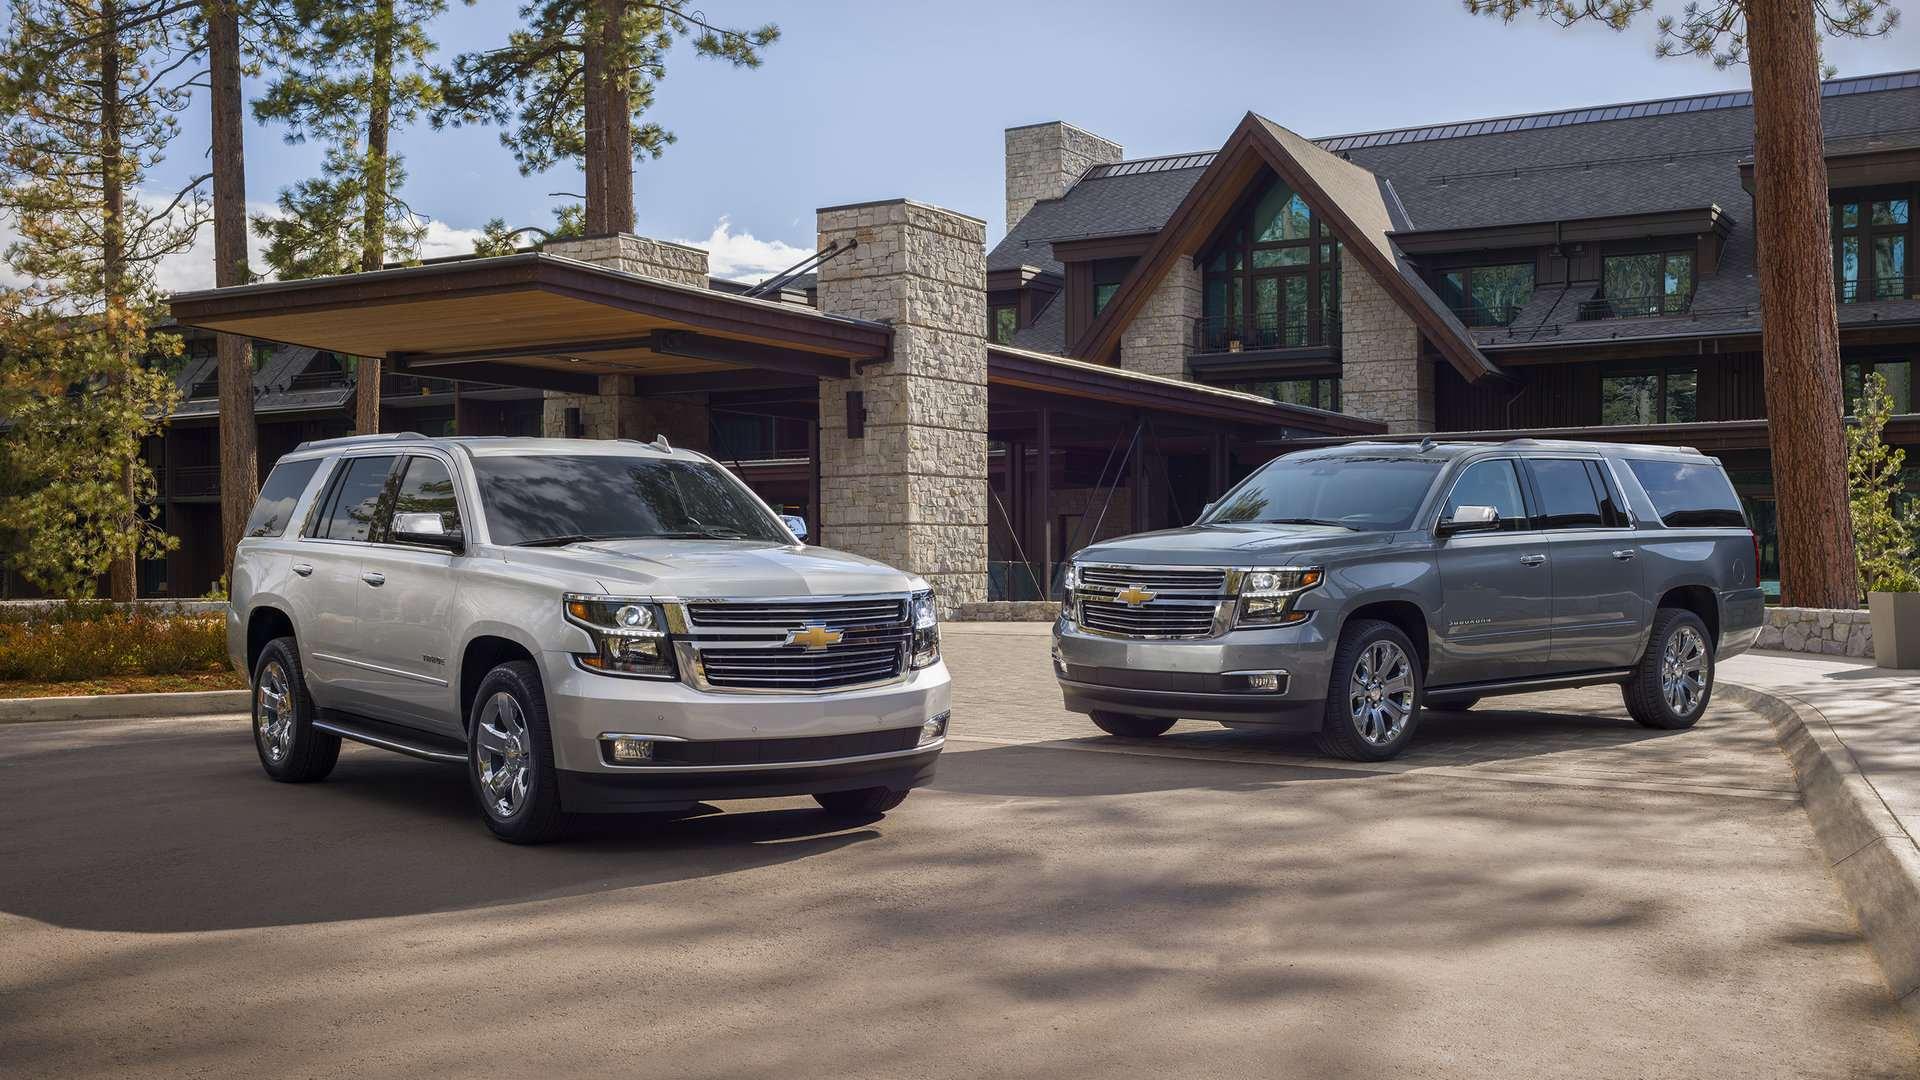 2019 Chevrolet Tahoe Premier Plus Y Suburban Premier Plus